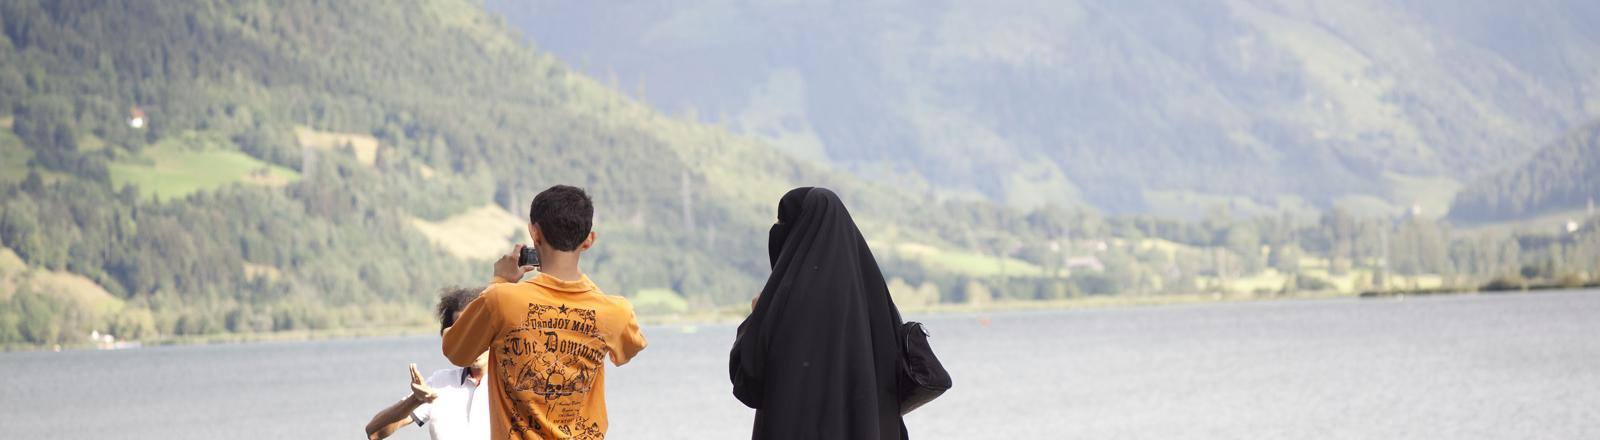 Eine verschleierte Touristin aus einem arabischen Land ist mit ihrer Familie am Seeufer in Zell am See im Bundesland Salzburg in Österreich zu Fuß unterwegs.